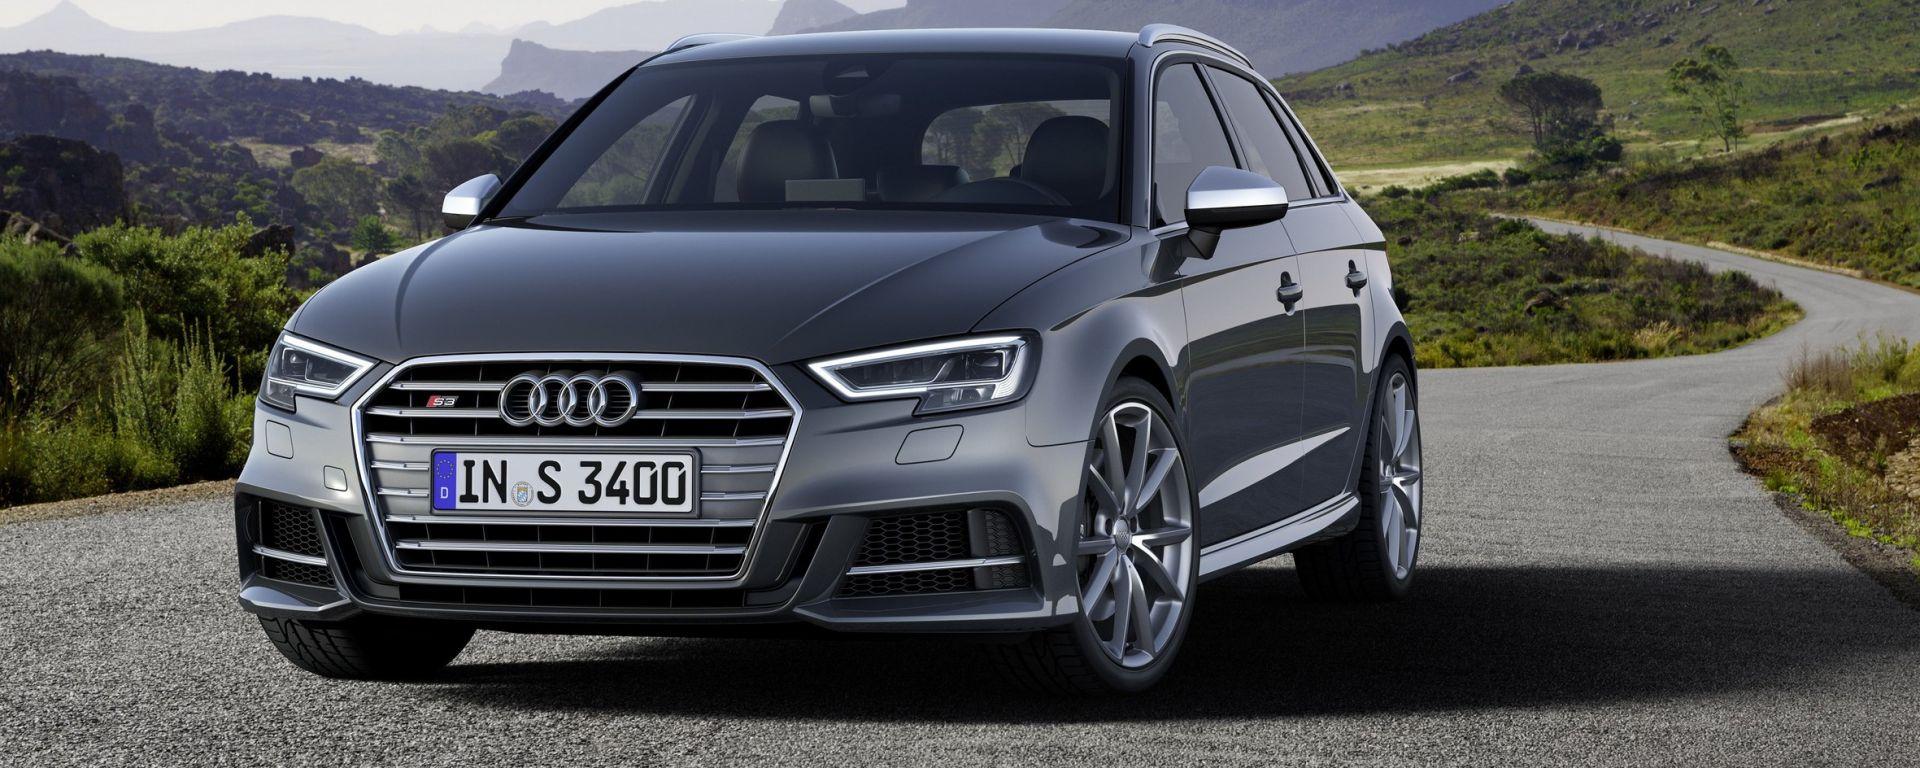 Audi A3 2016: tutte le novità del restyling